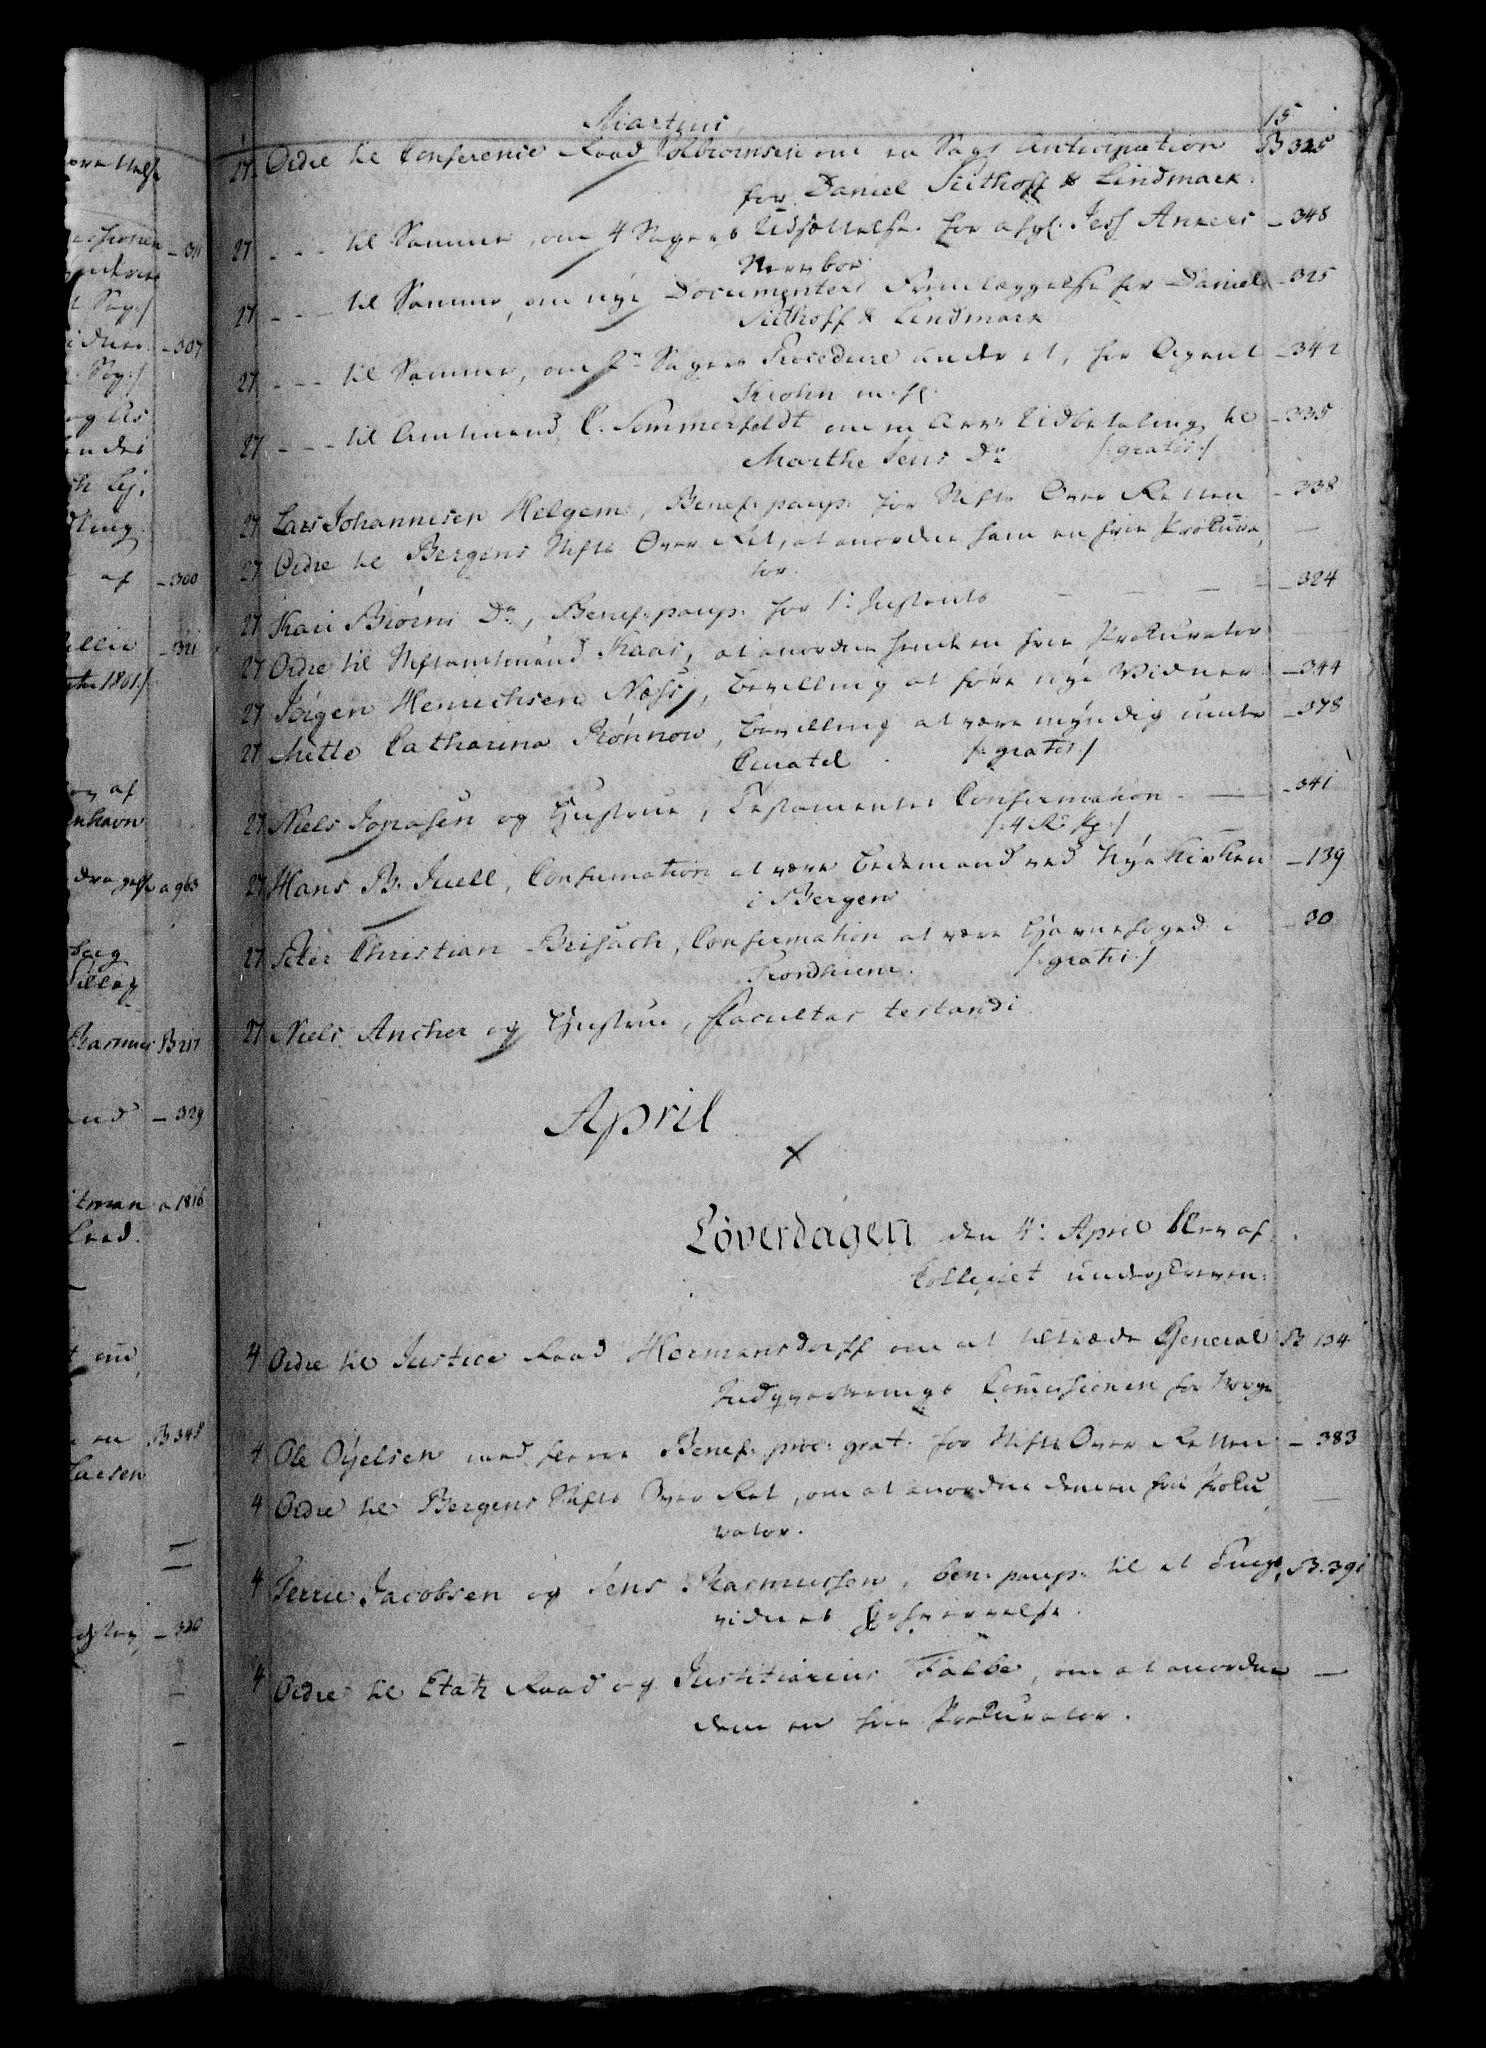 RA, Danske Kanselli 1800-1814, H/Hf/Hfb/Hfbc/L0002: Underskrivelsesbok m. register, 1801, s. 15